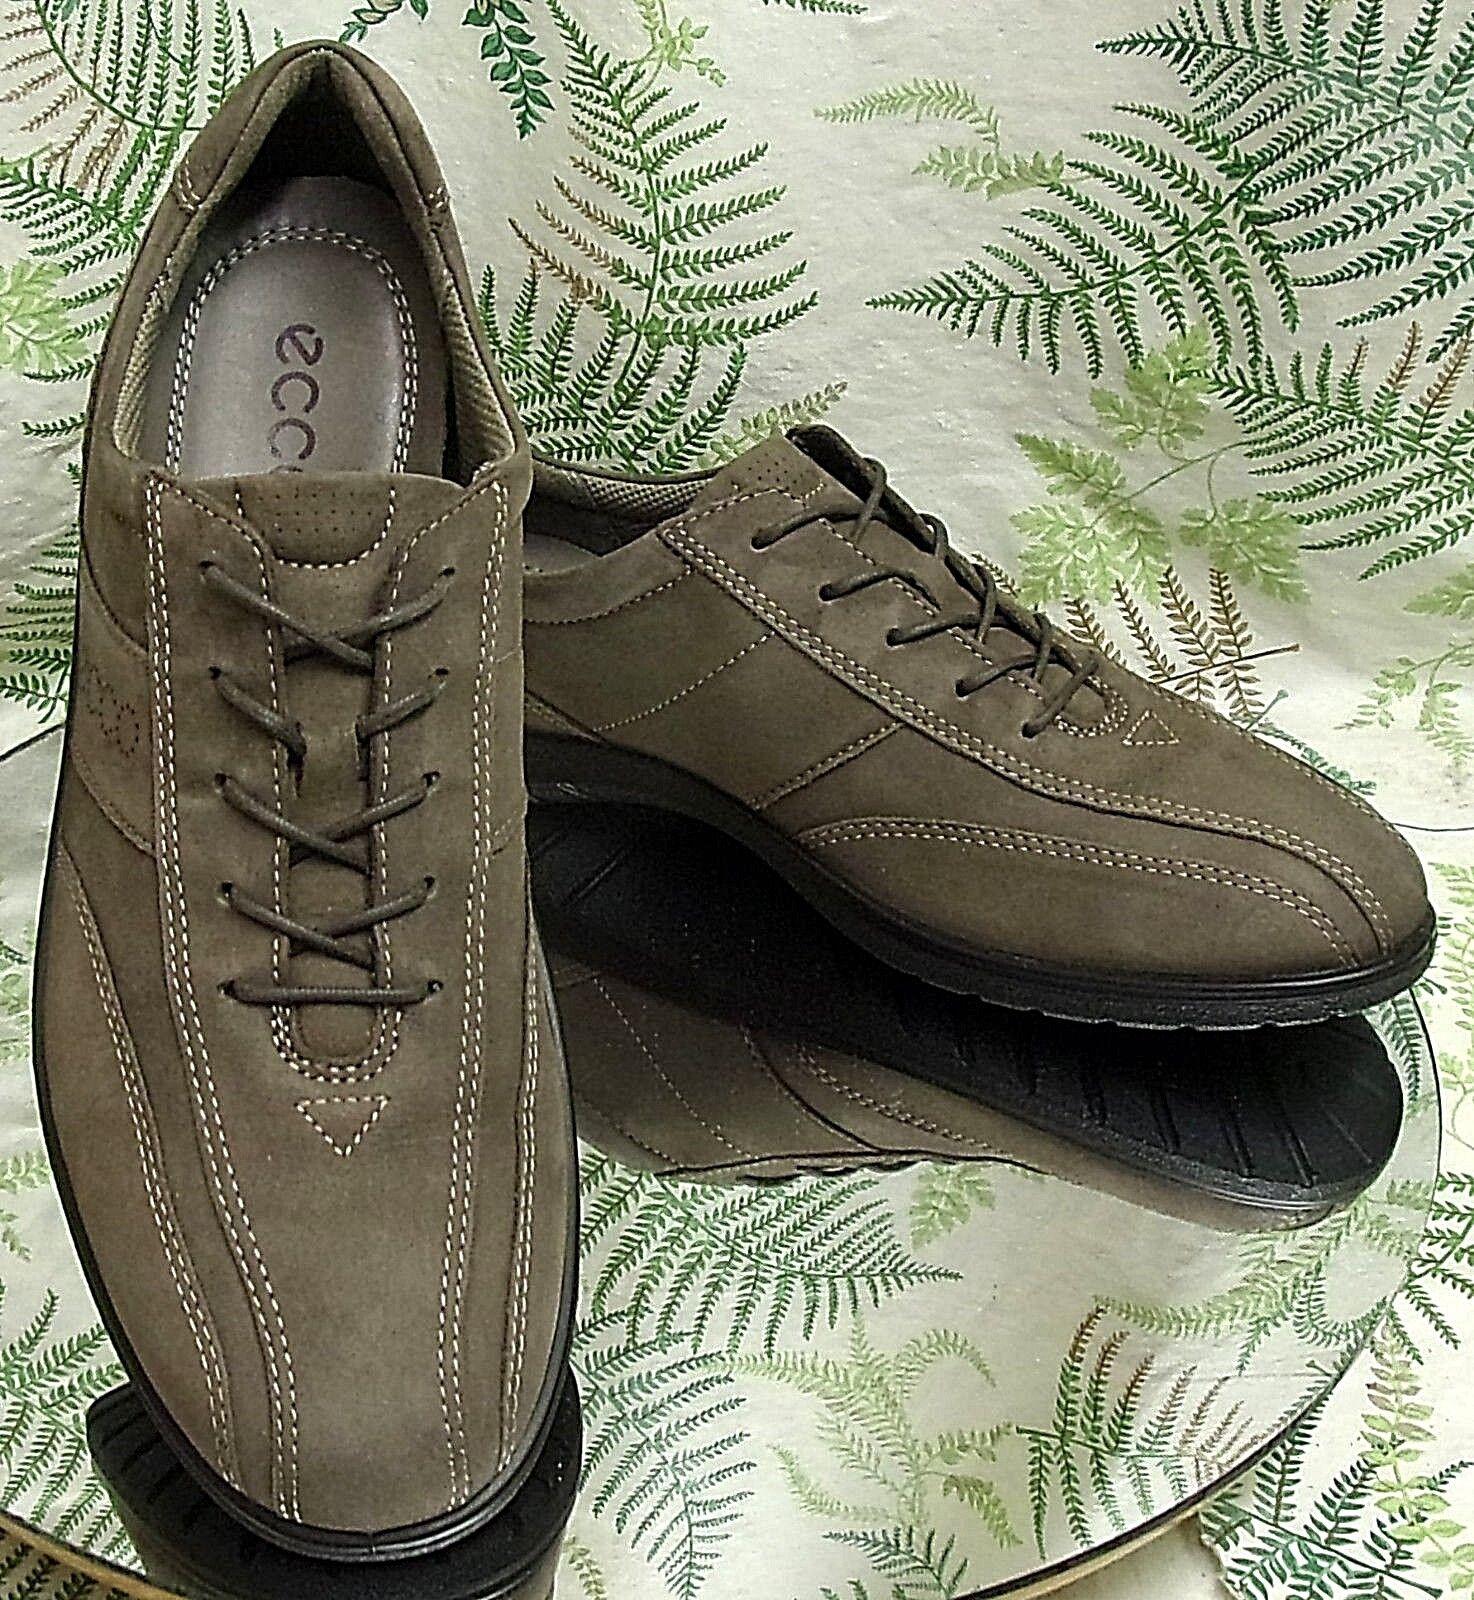 Ecco Ecco Ecco gris Cuero Tenis Zapatos Caminar confort con cordones para mujer Talla 10 10.5 UE 41  Nuevos productos de artículos novedosos.